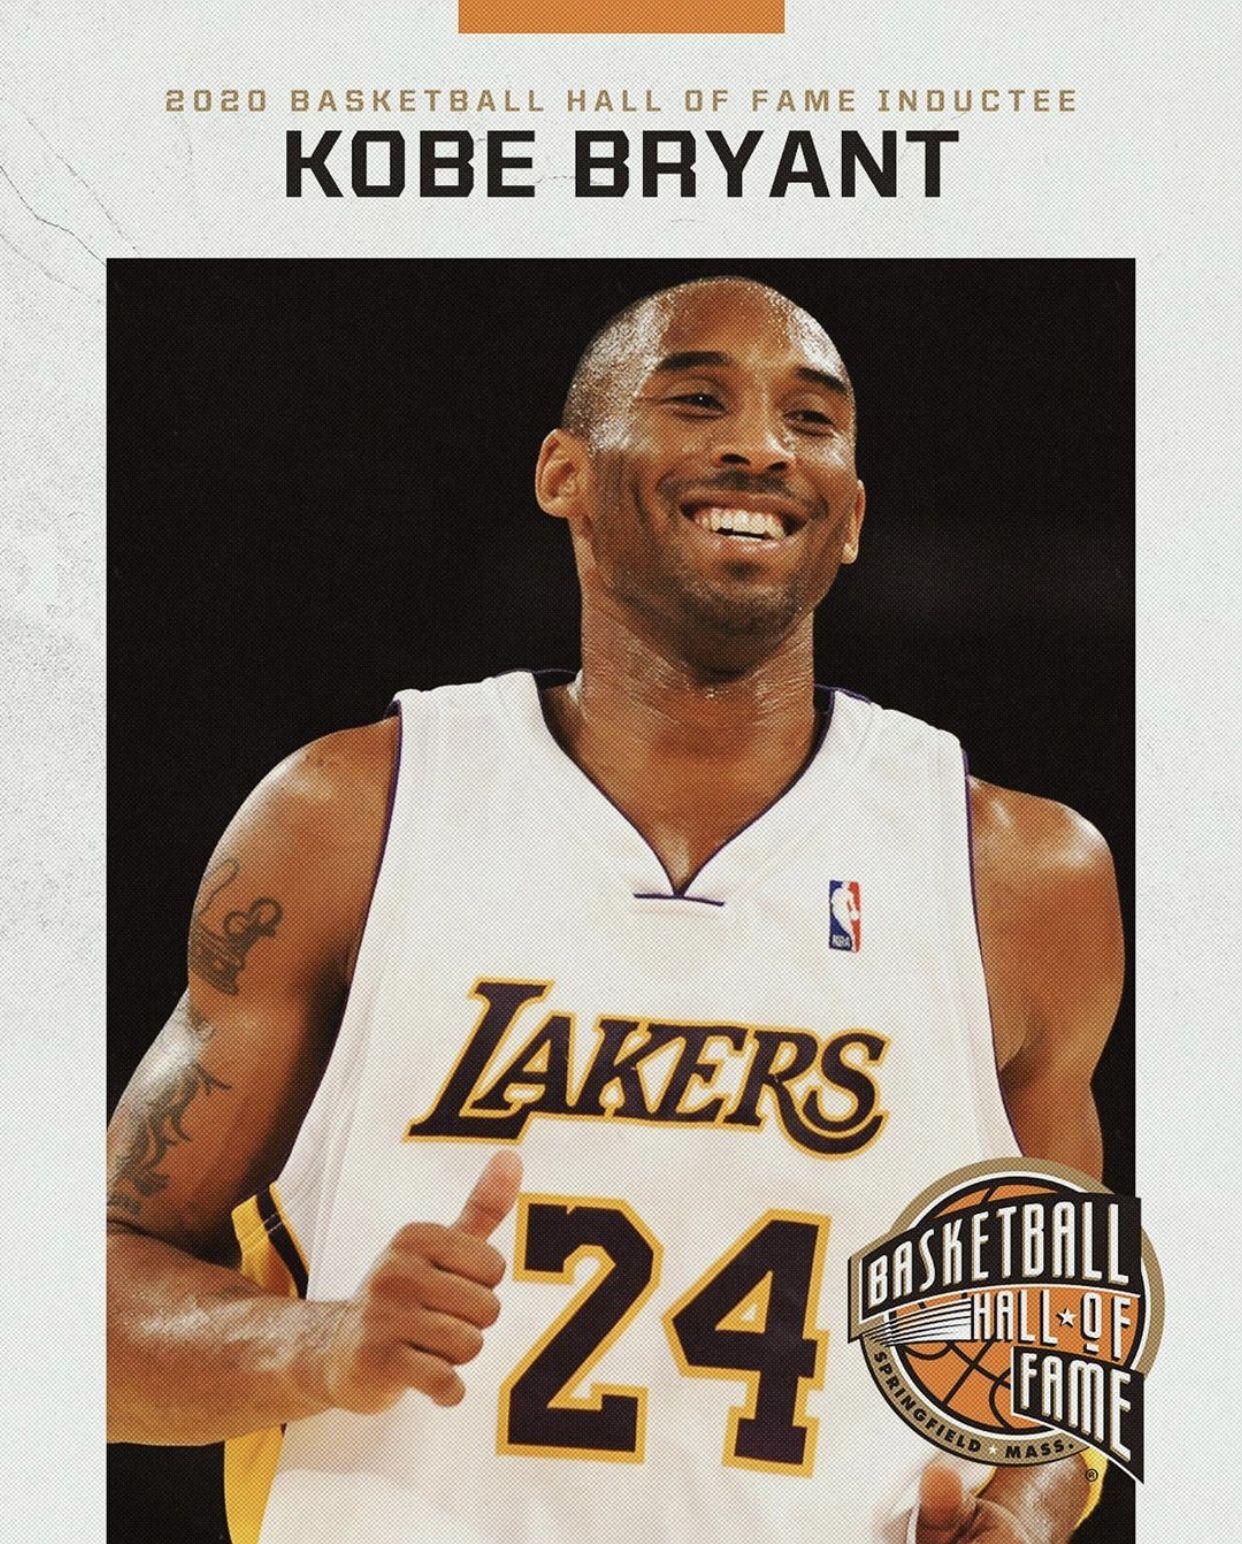 Kobe Bryant 2020 Hall Of Famer In 2020 Basketball Legends Kobe Kobe Bryant